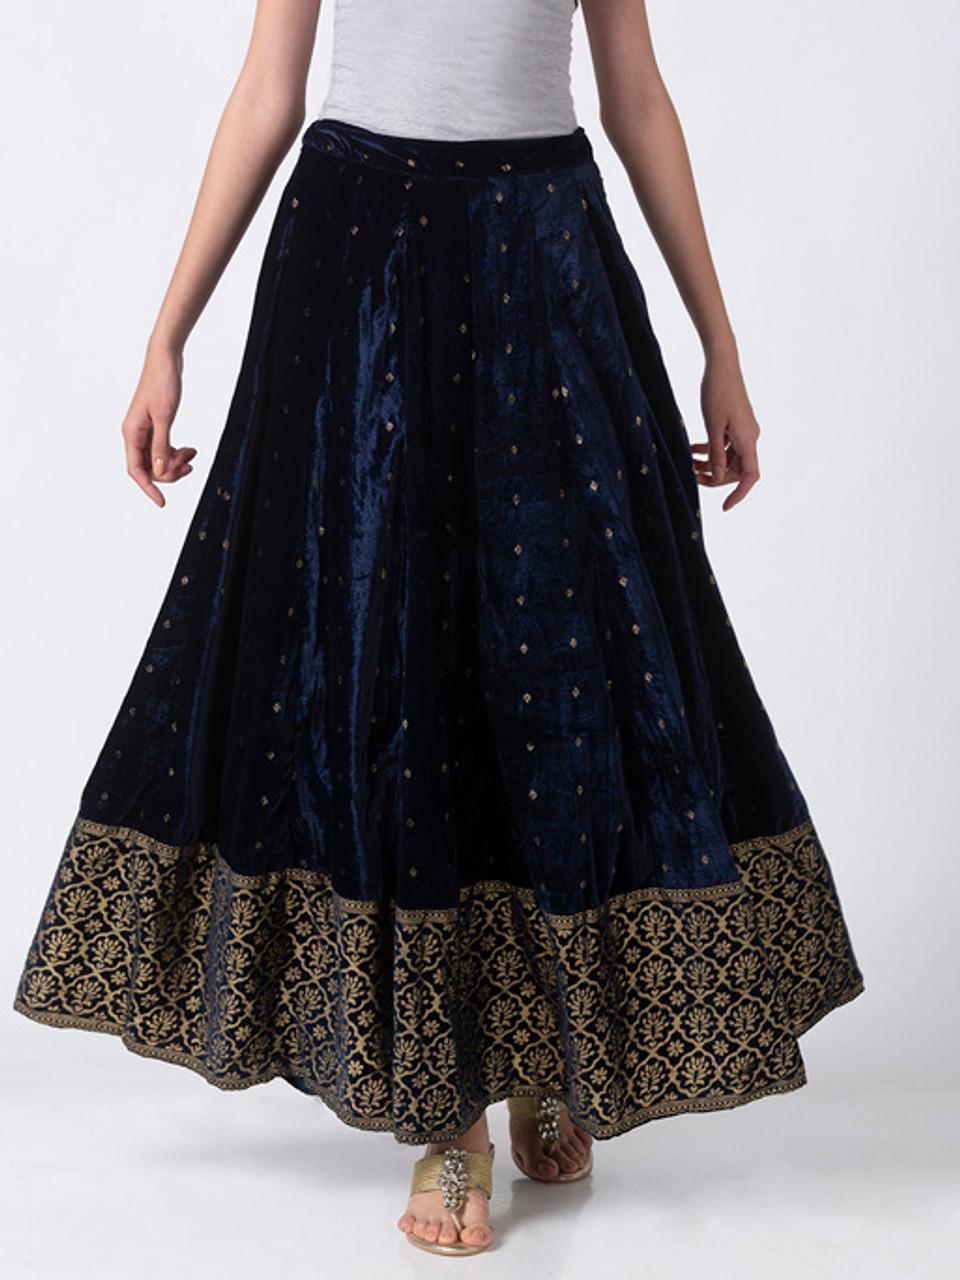 Ethnicity Royal Navy Blue Velvet Lehenga Skirt With Gold Print And Border In Sattva